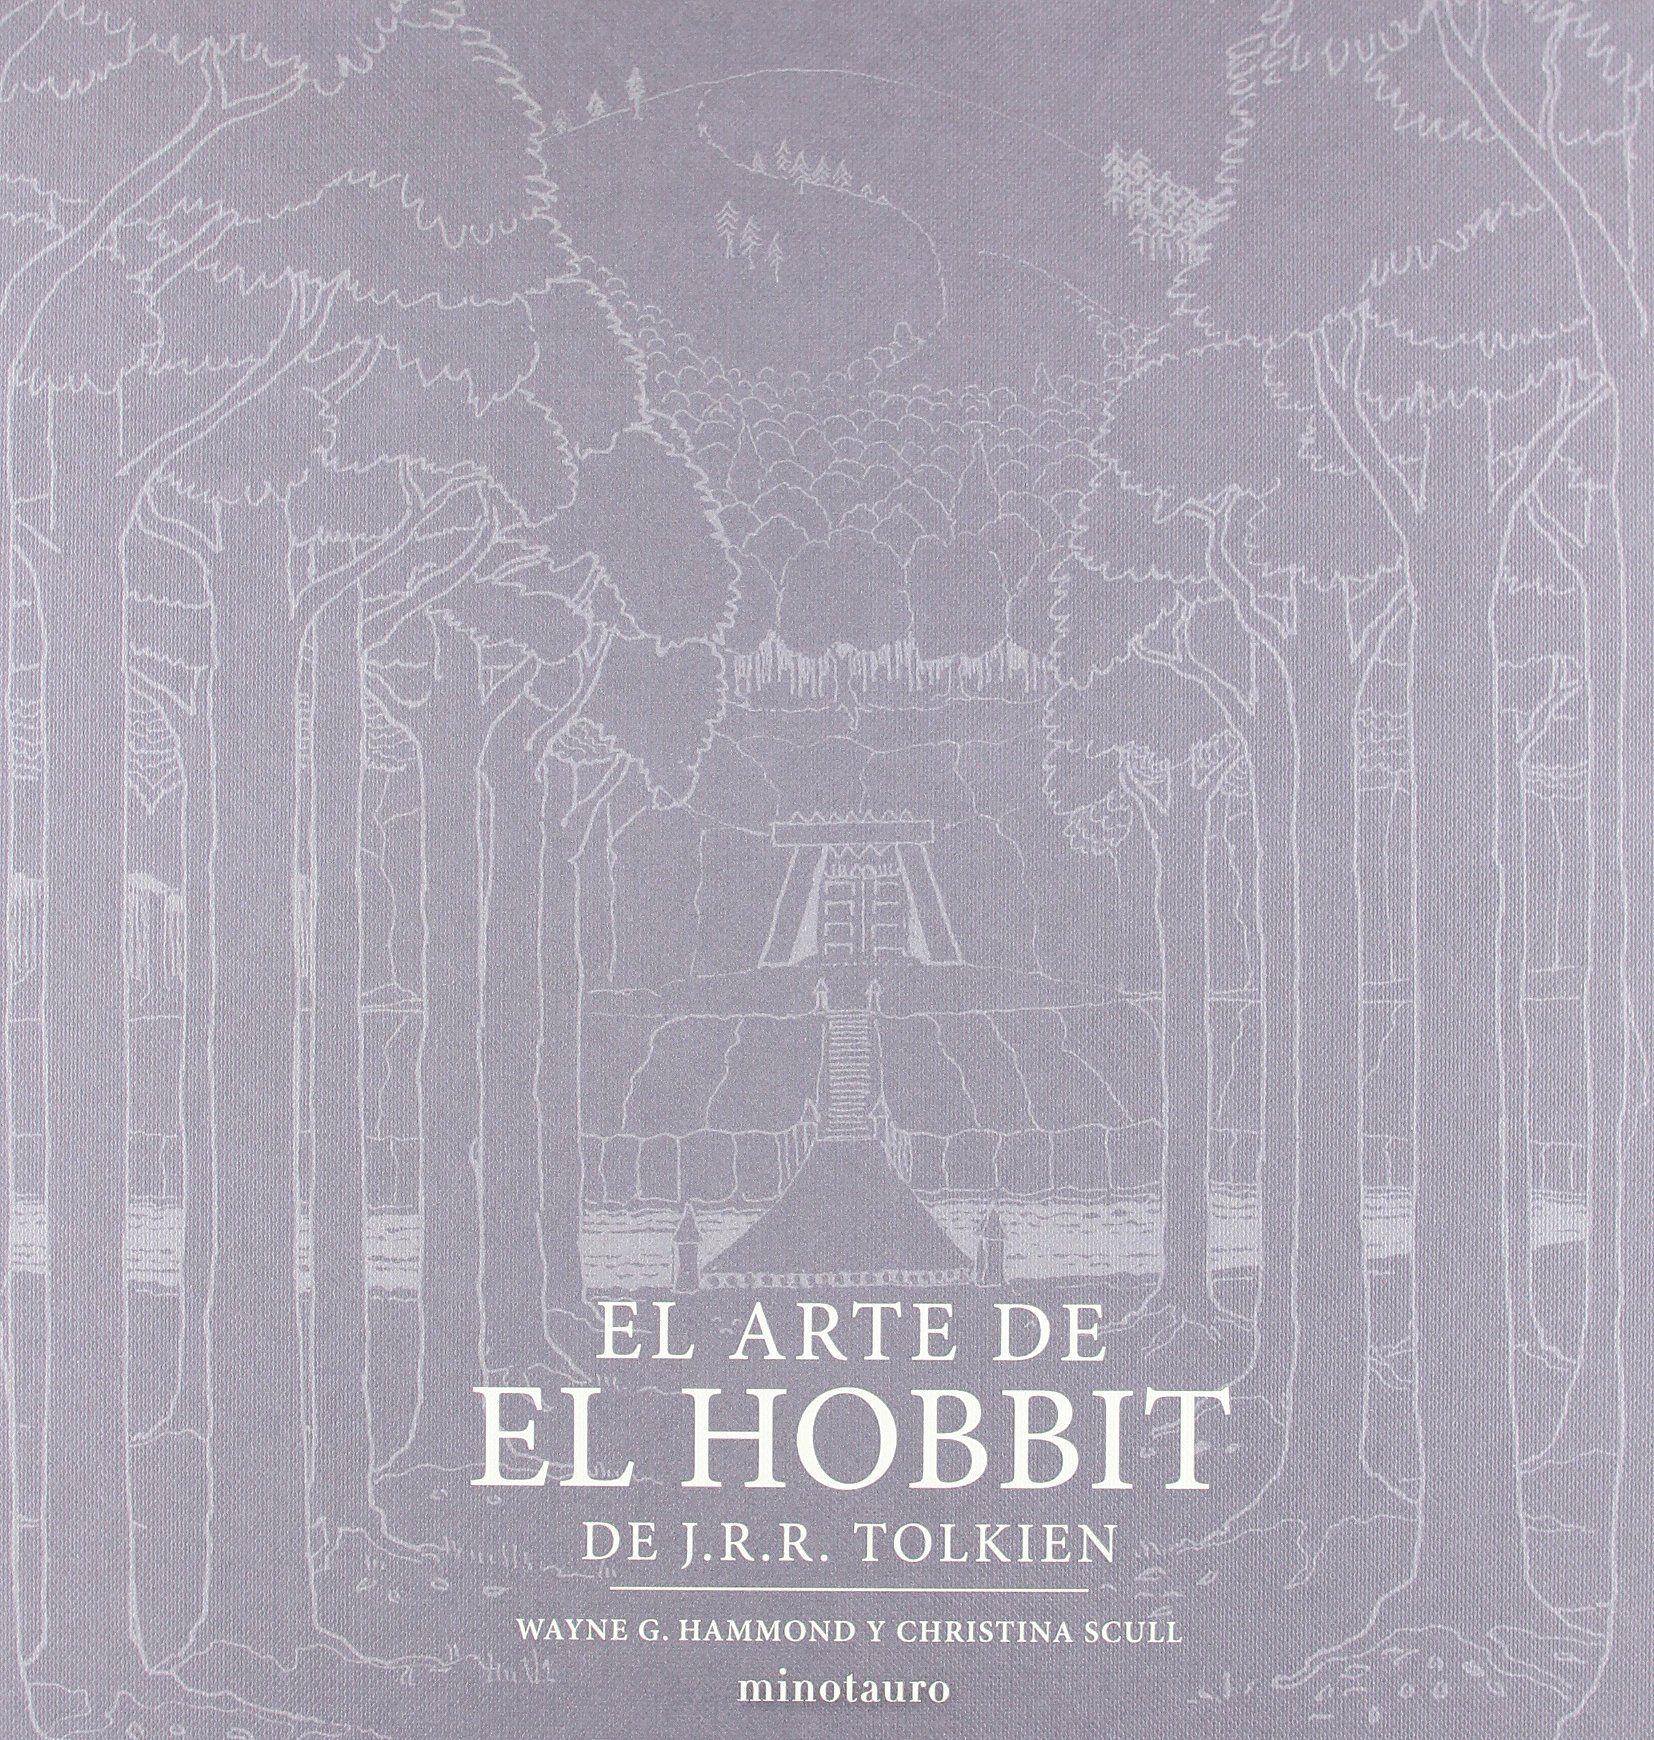 El arte de El Hobbit de J.R.R. Tolkien Biblioteca J. R. R. Tolkien #de,  #arte